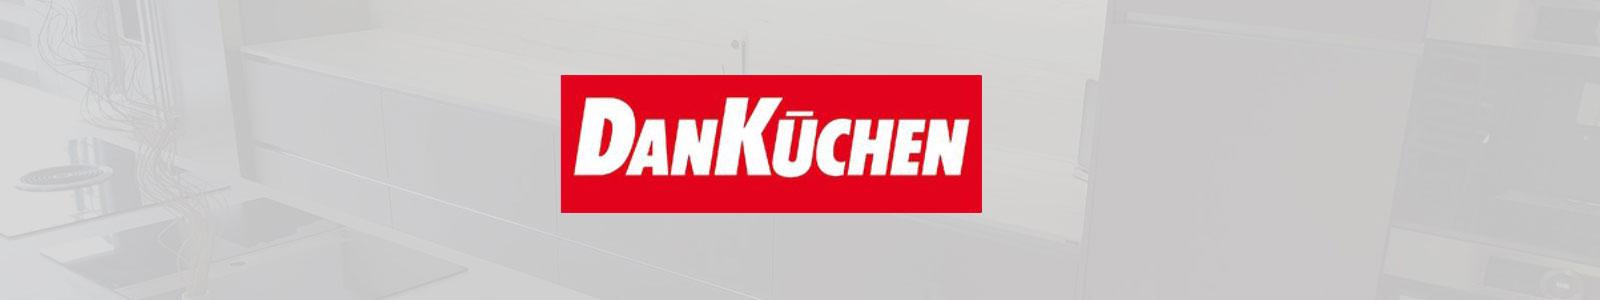 DanKüchen München